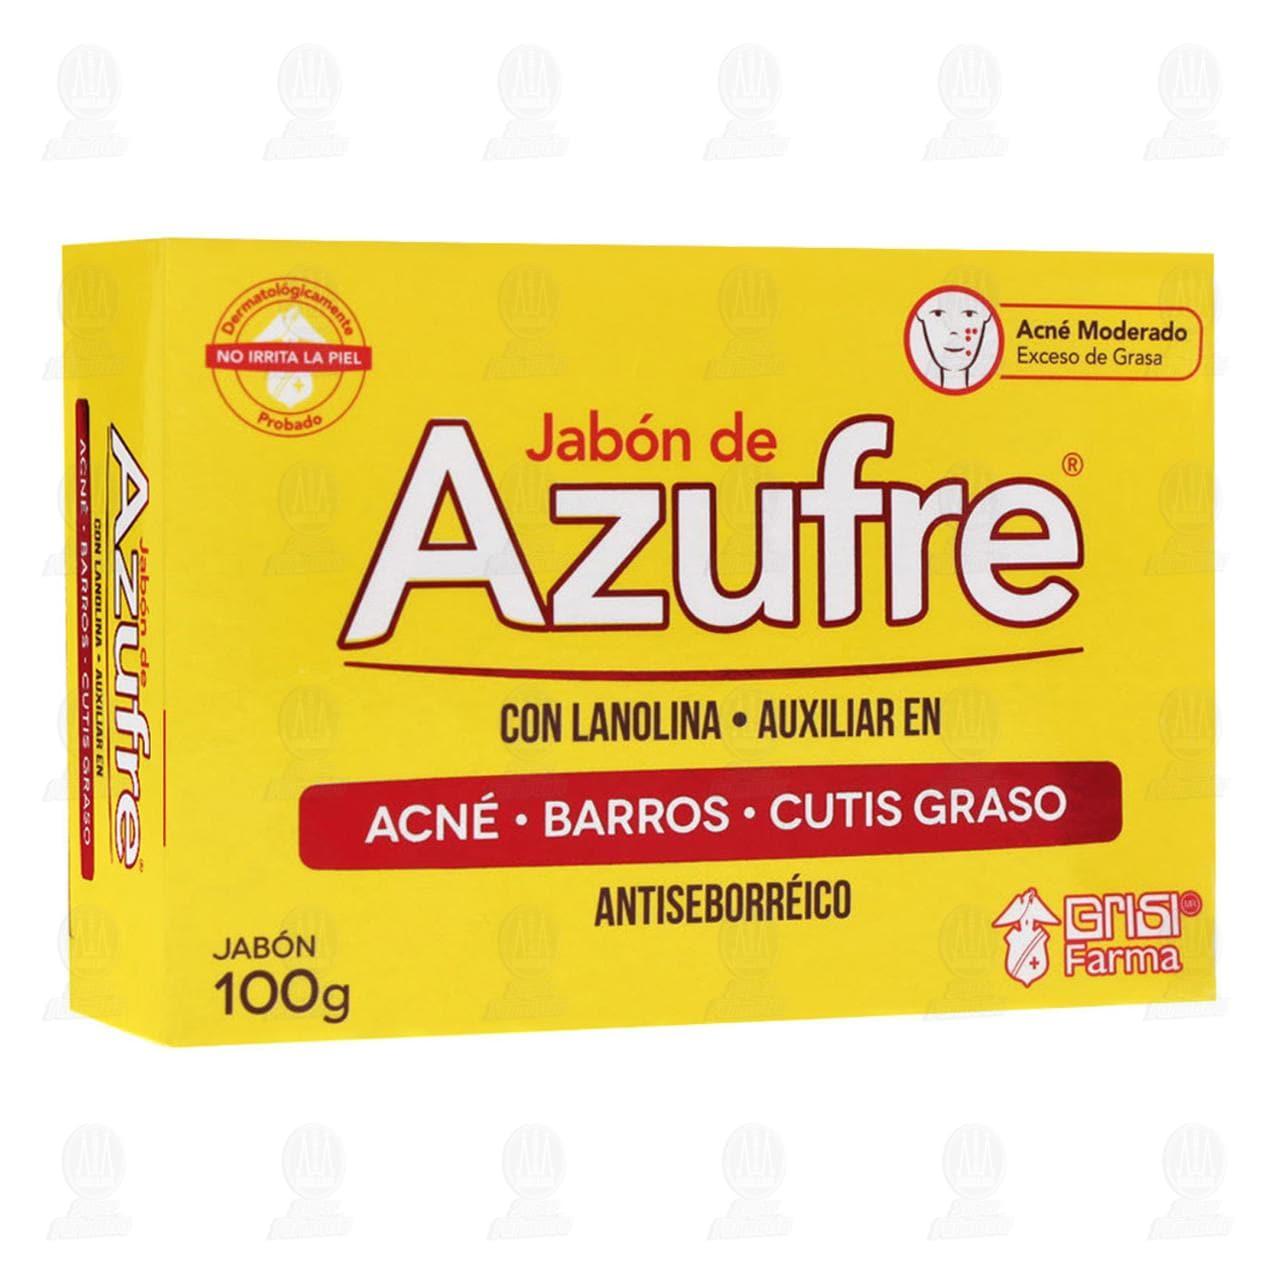 Comprar Jabón de Azufre Grisi con Lanolina Antiseborréico, 100 gr. en Farmacias Guadalajara